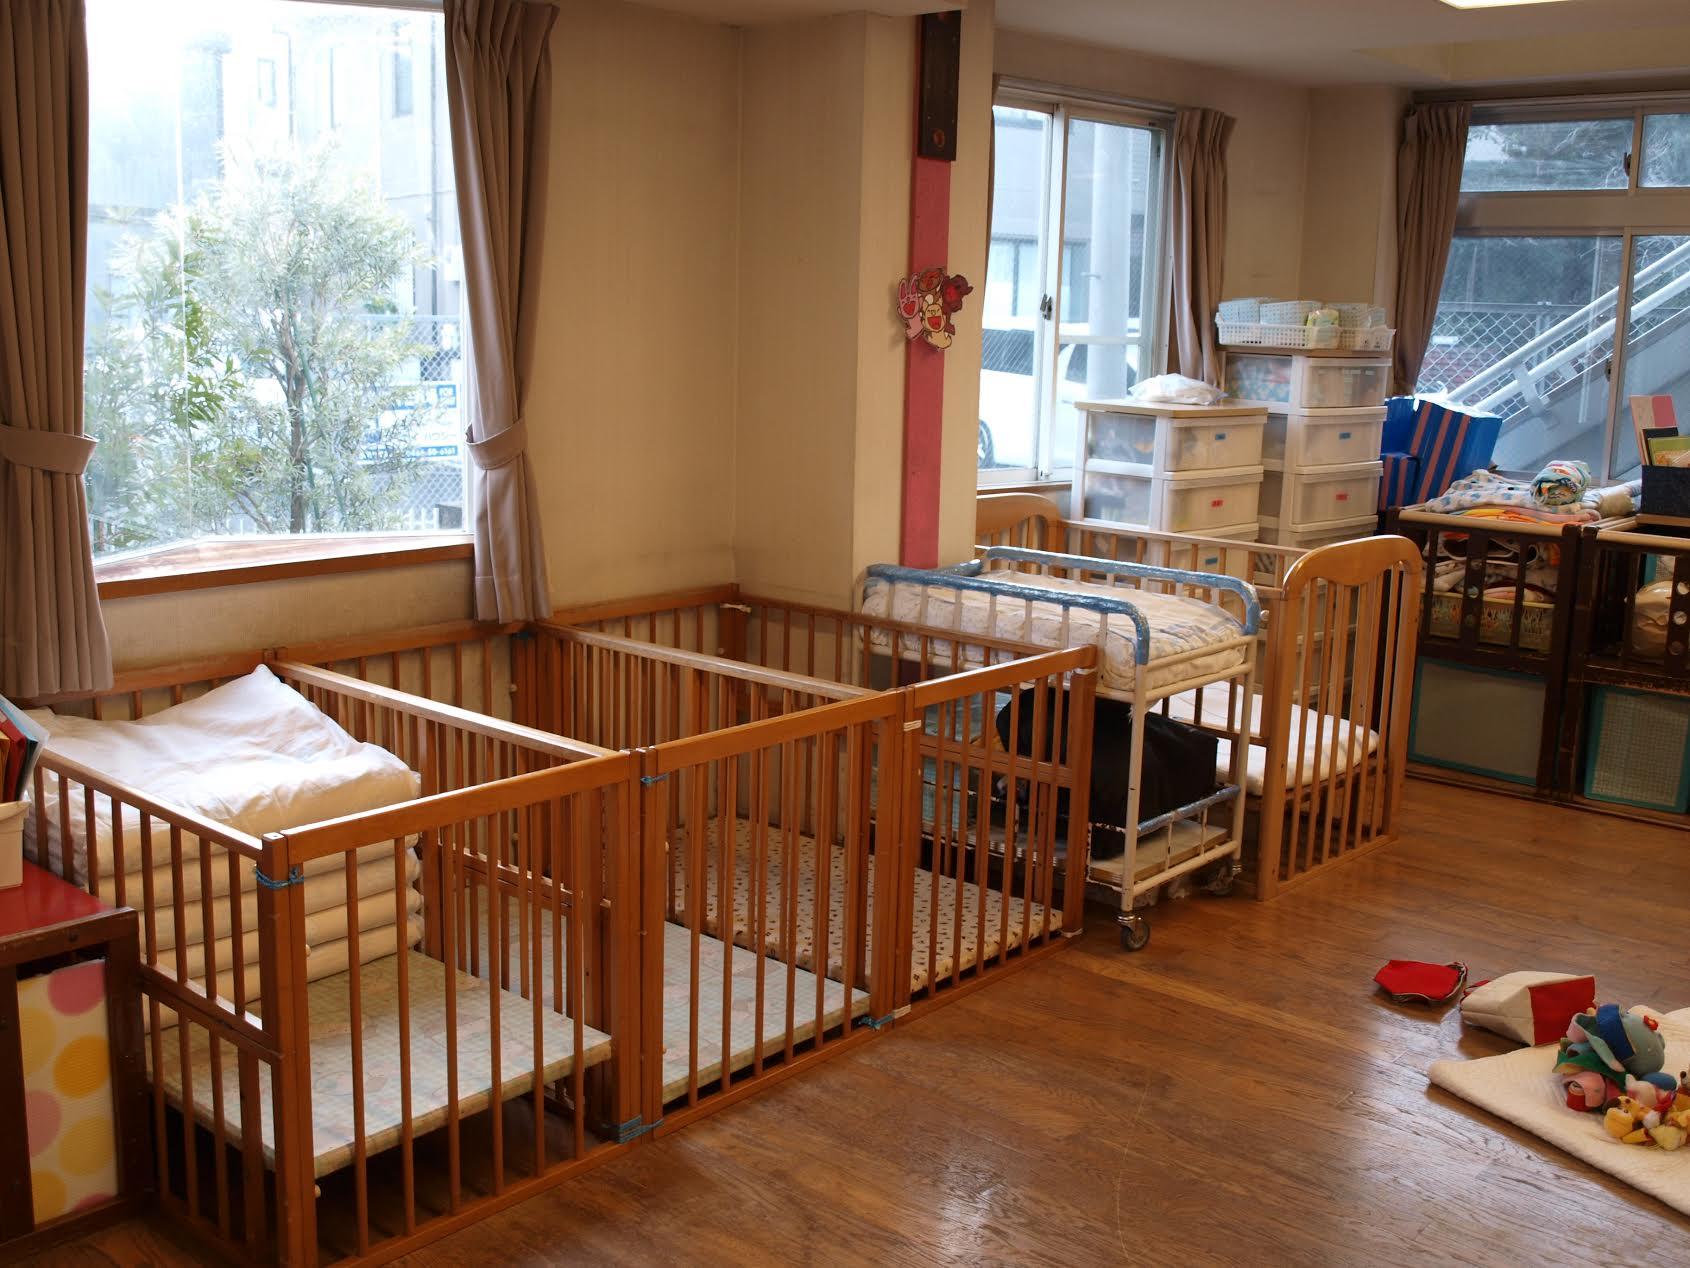 ♪即日勤務可能求人♪【藤沢駅から徒歩5分!】人気の乳児専門保育園で一緒に笑顔溢れる毎日を送りませんか?